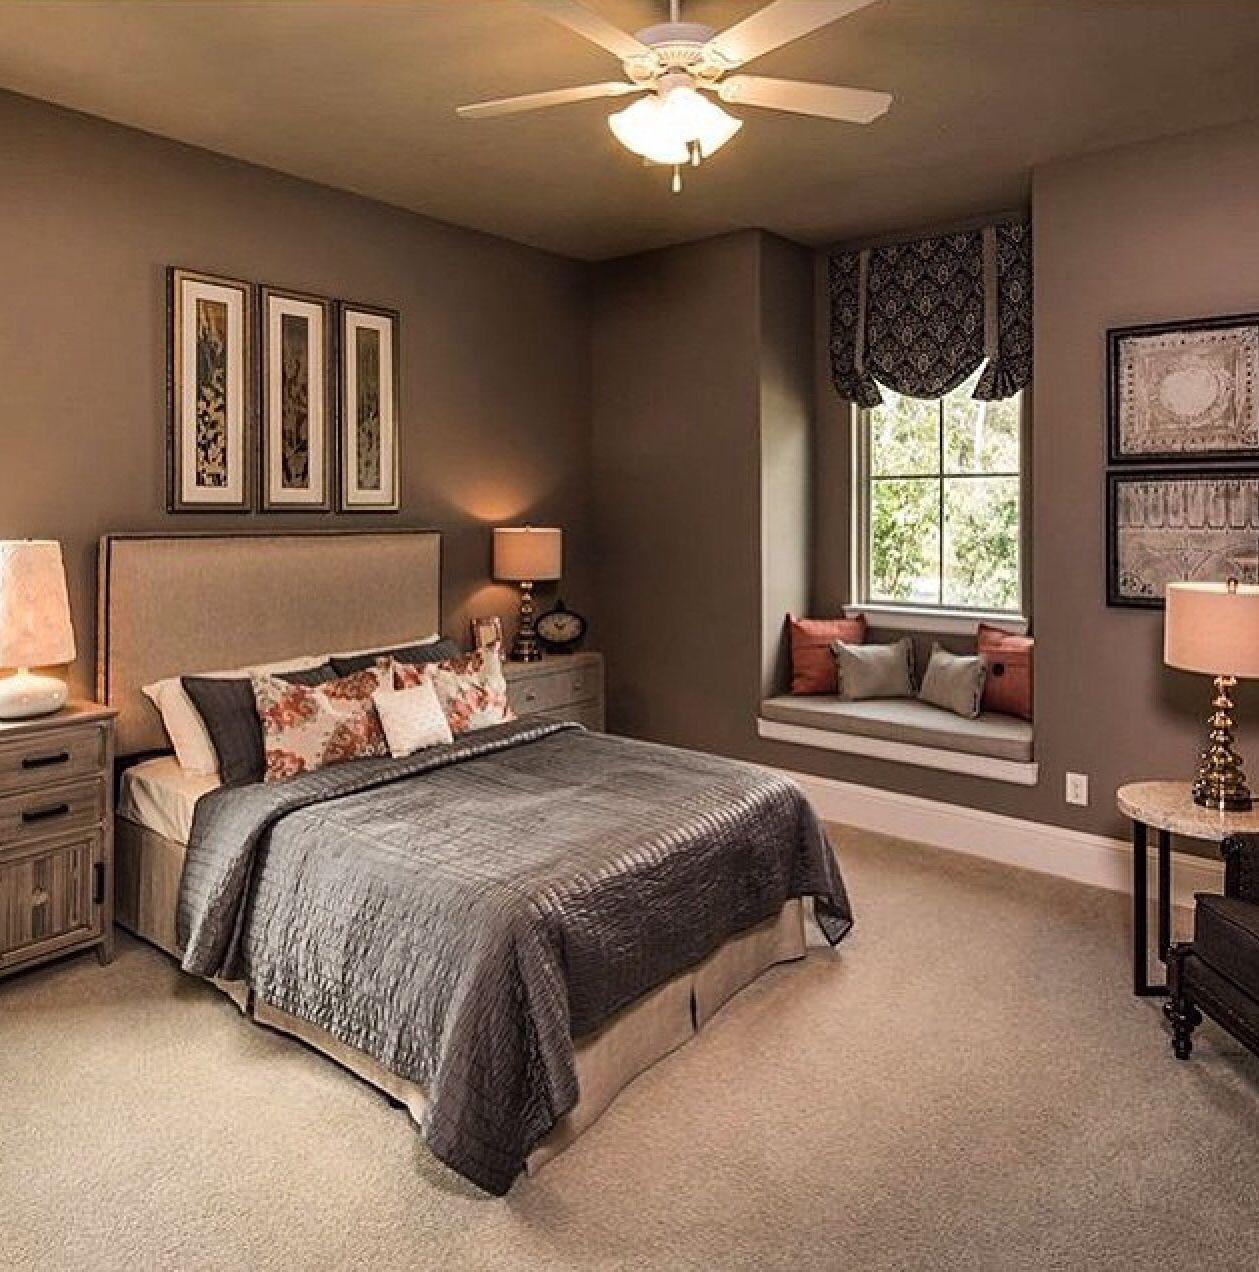 Home Interior/Design In 2019